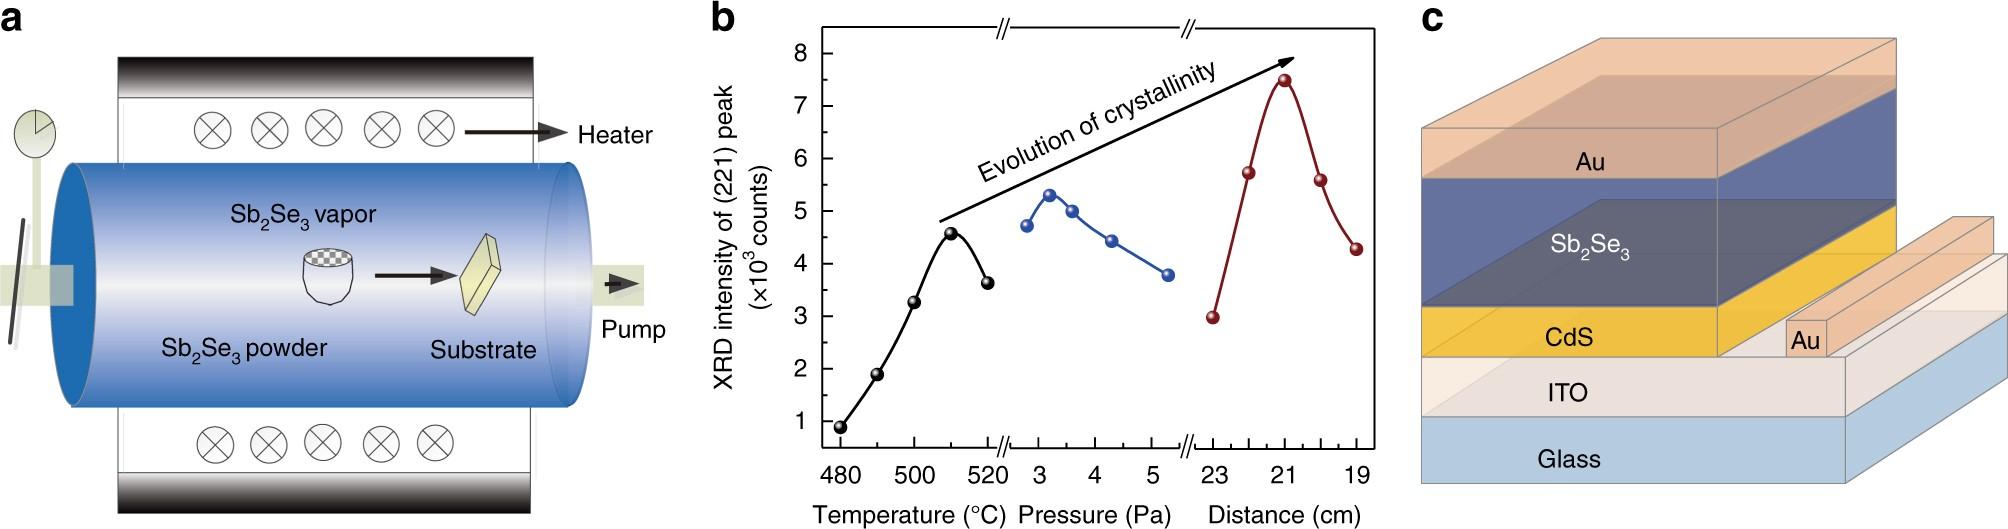 Vapor transport deposition of antimony selenide thin film ... on